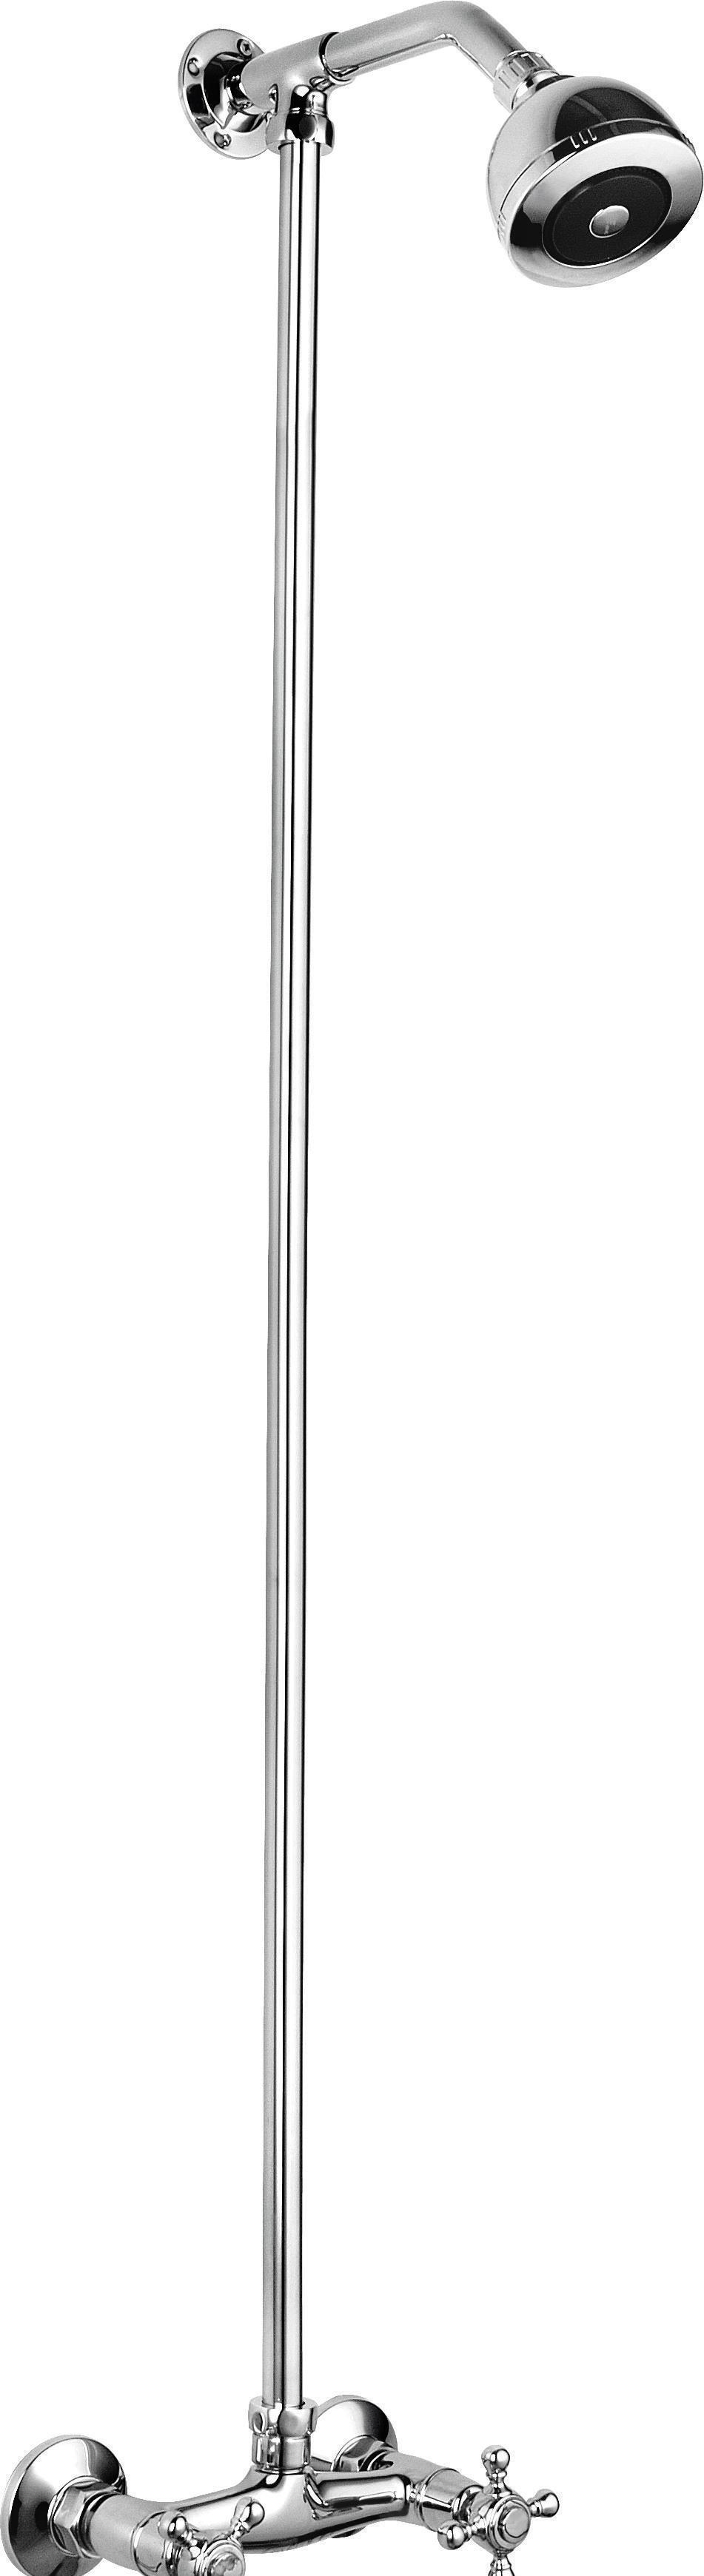 鹰卫浴淋浴柱EB-31501001EB-31501001